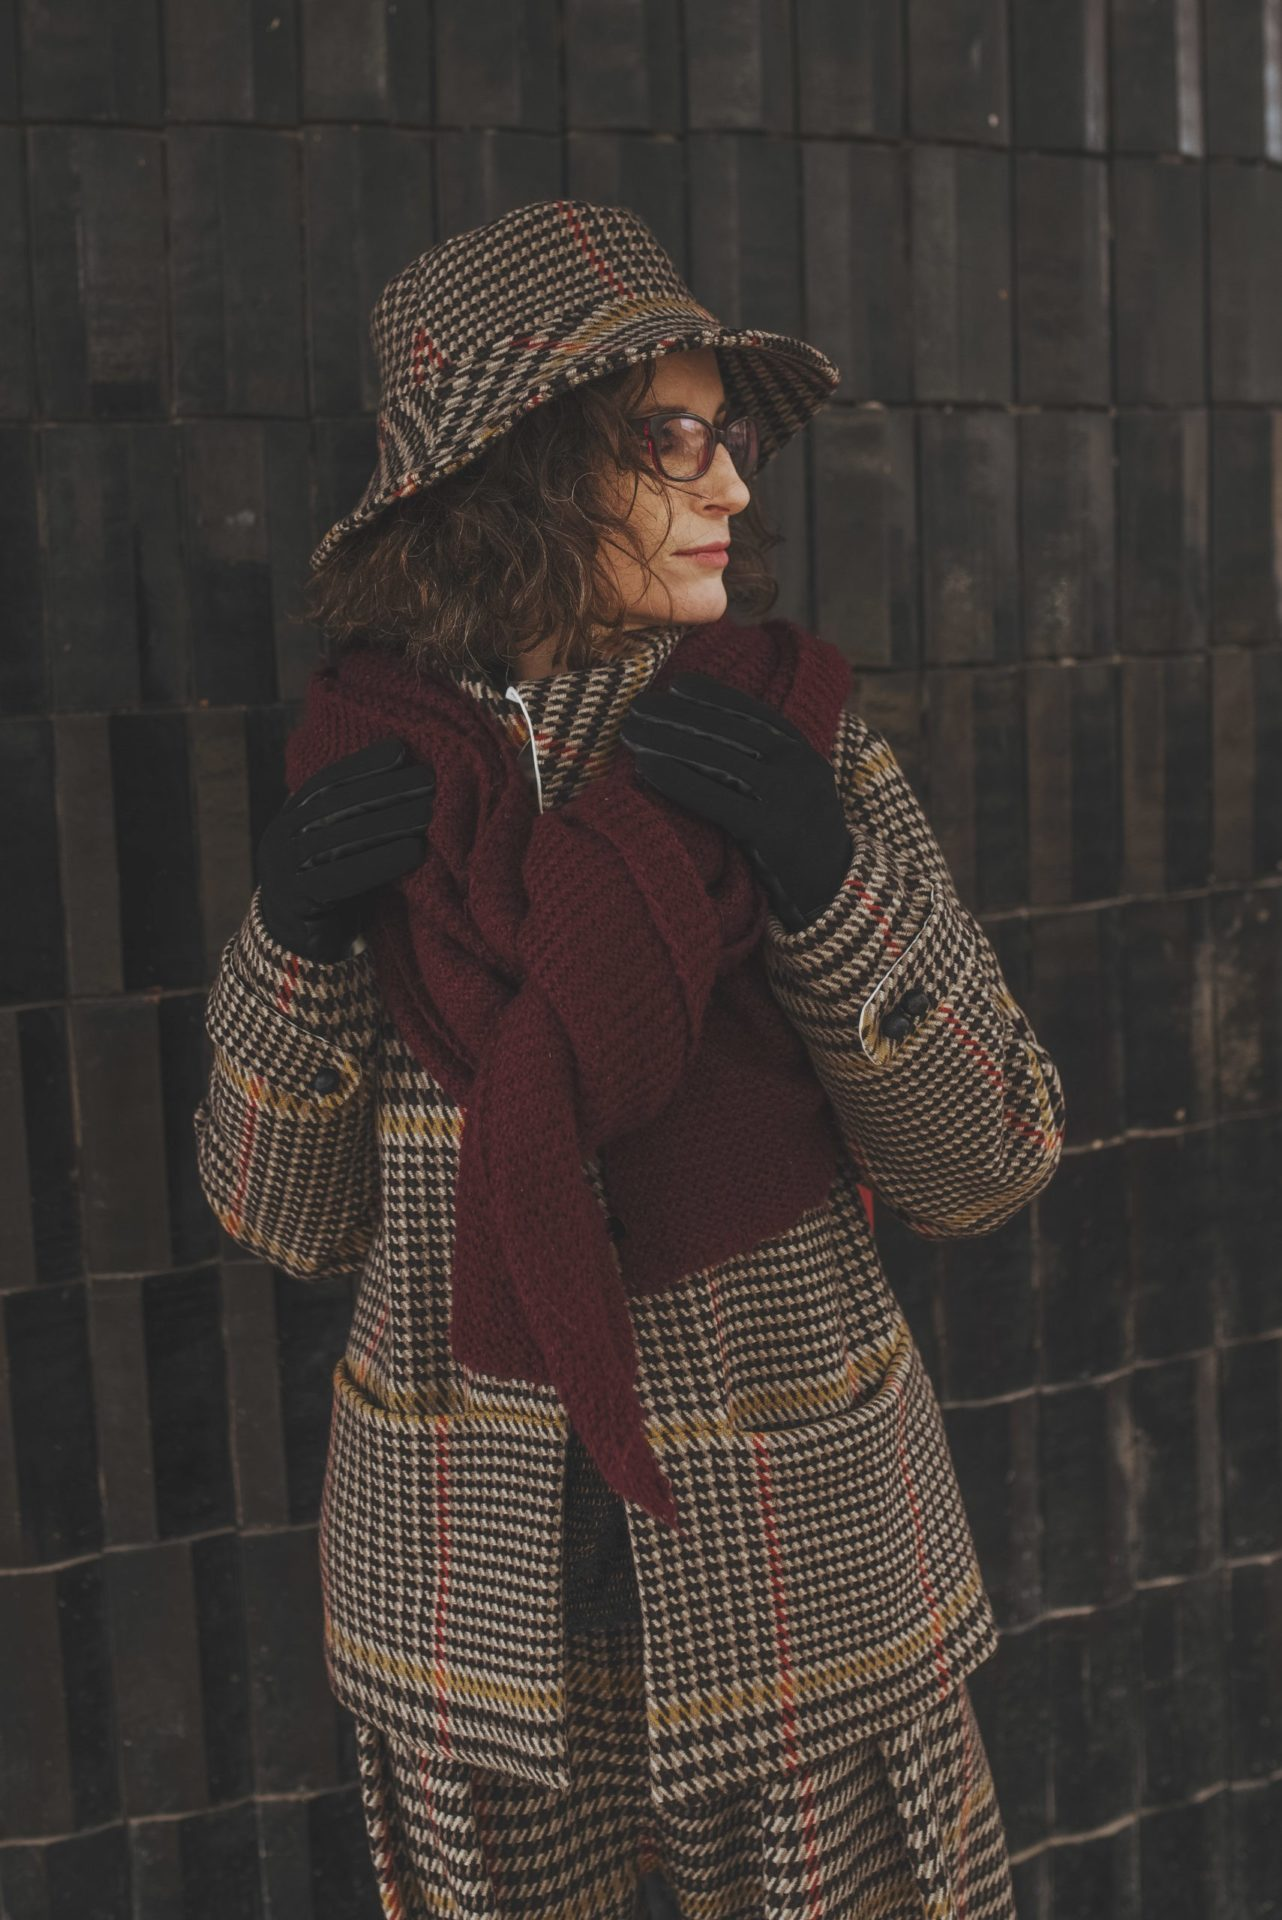 Bob, Chapeau, Bucket Hat, By Sue-Sue, Collection automne hiver 2020